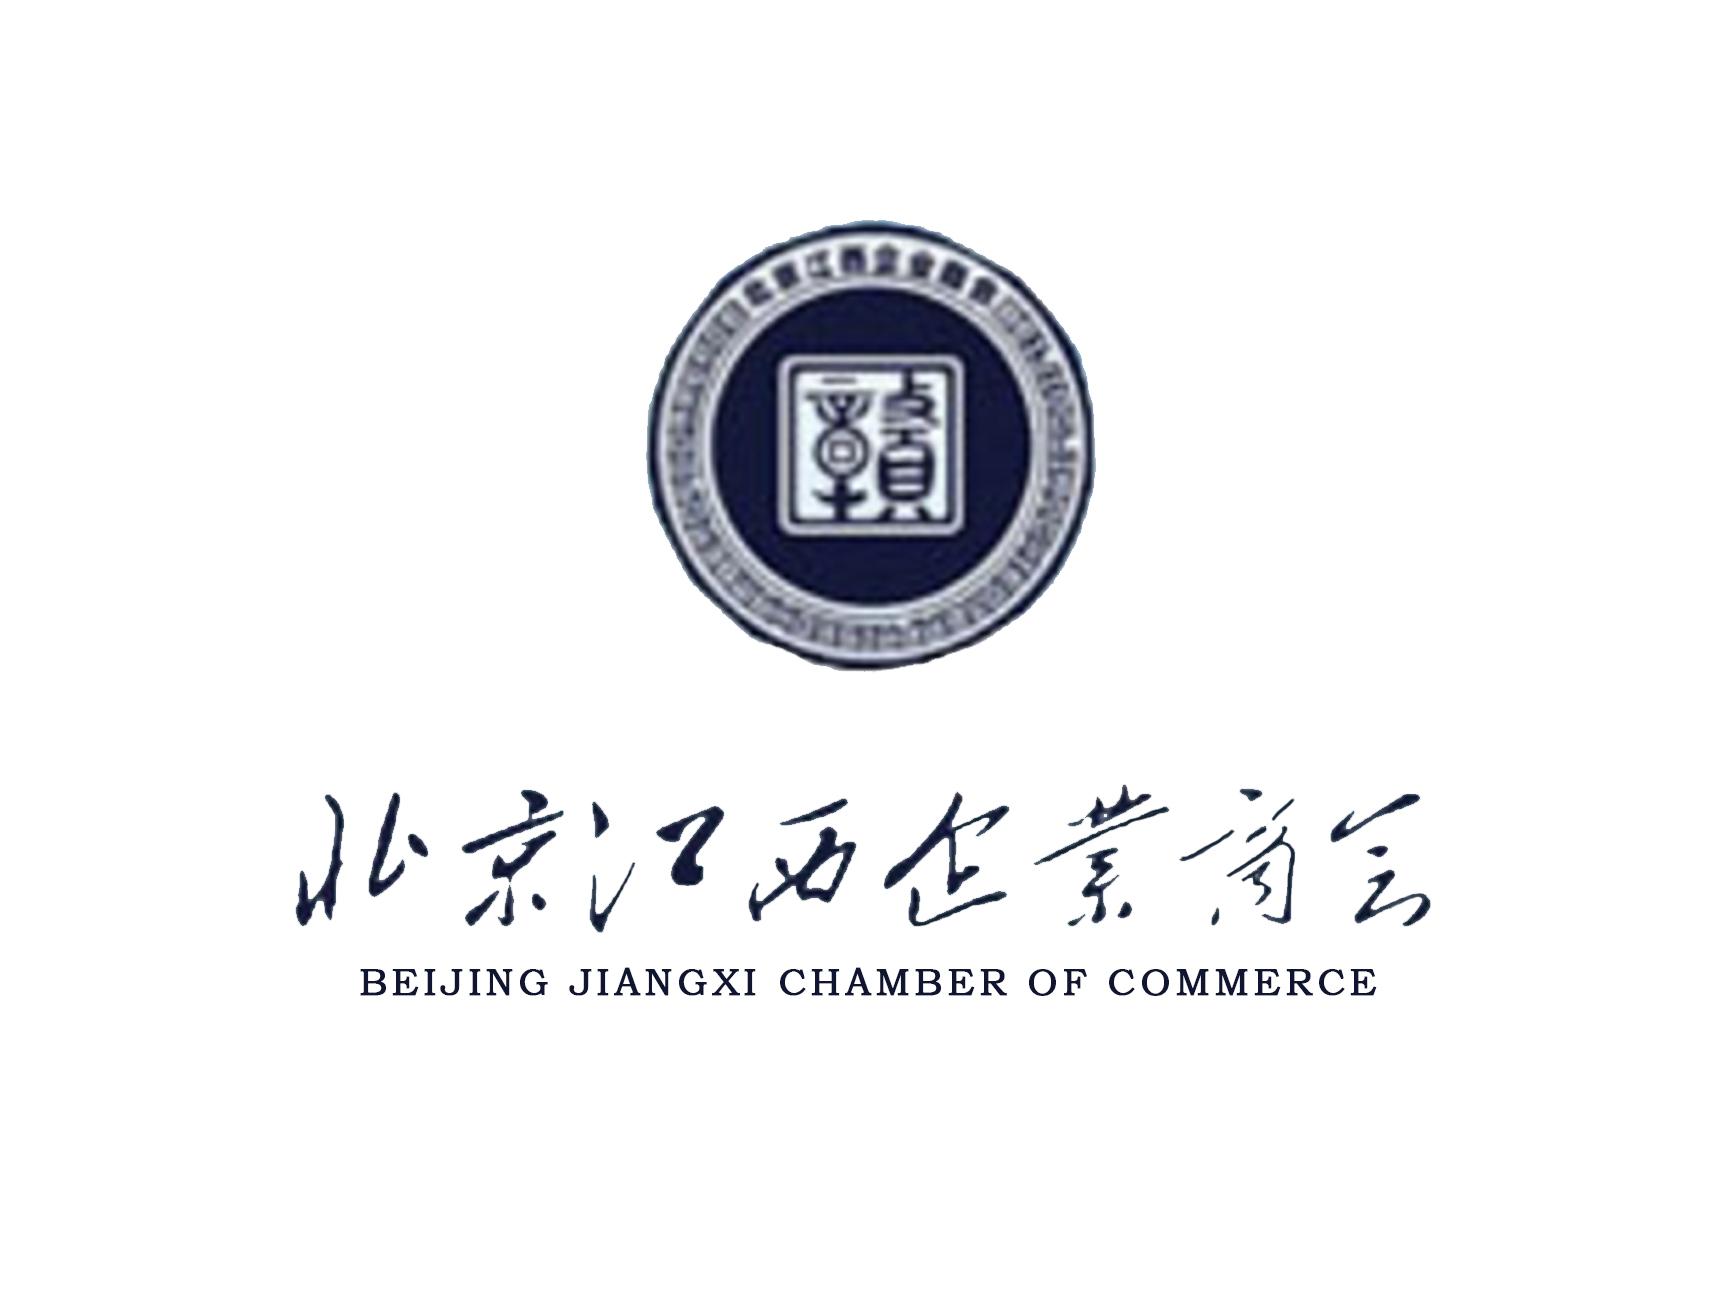 北京江西企业商会——厚德实干利天下